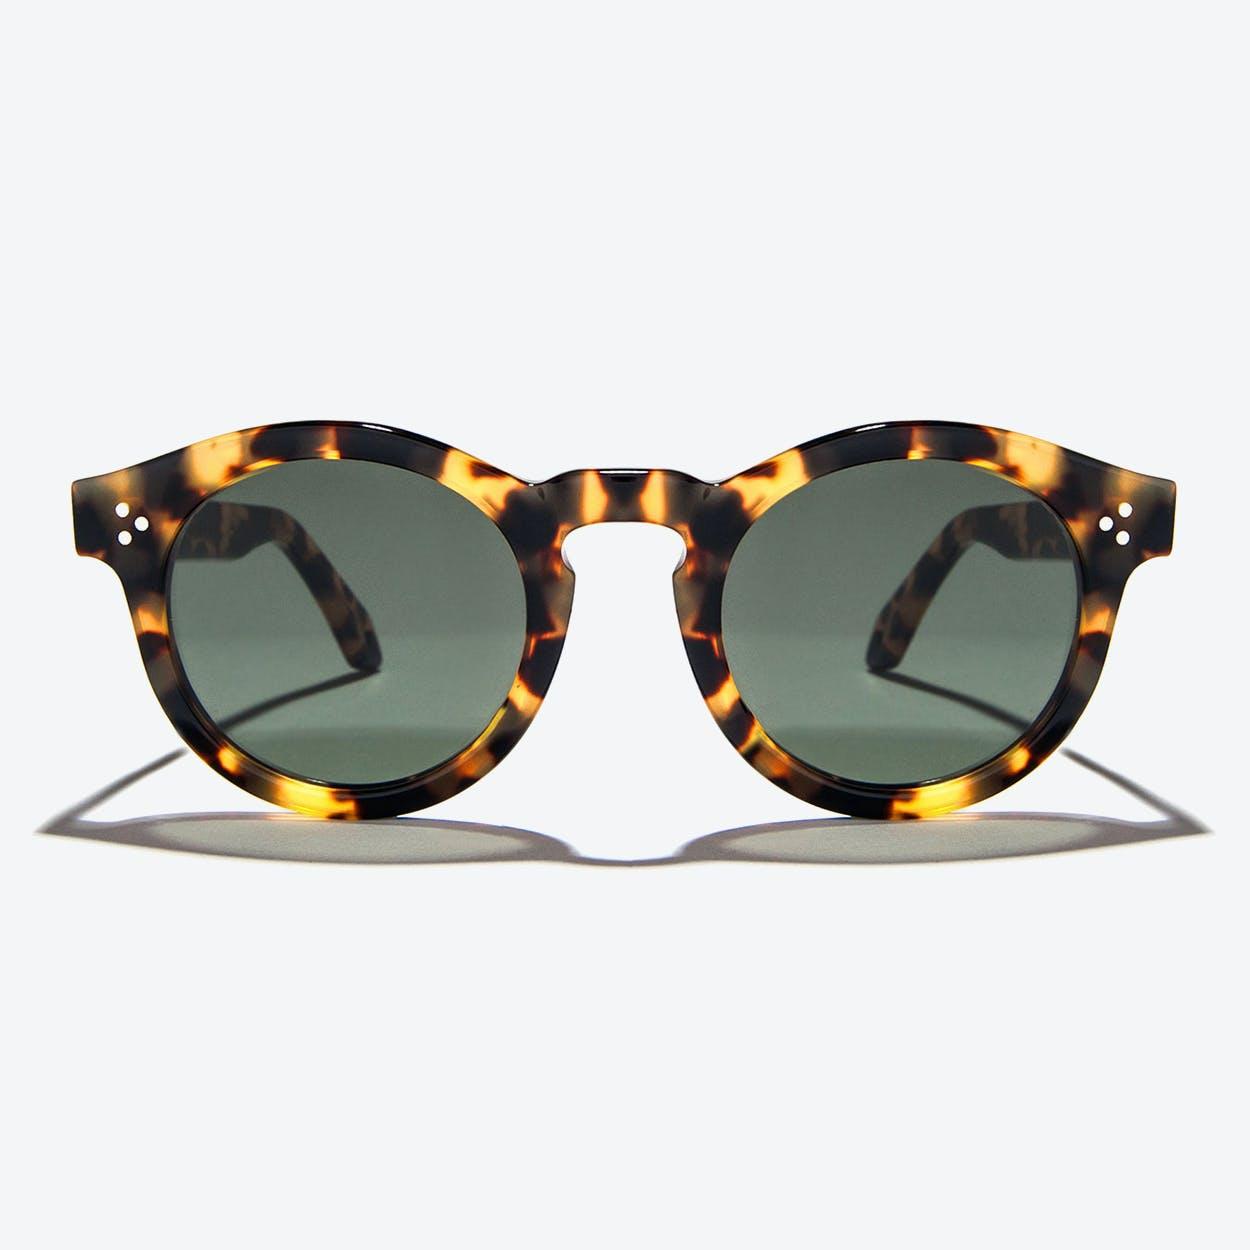 Orpheus Sunglasses in Amber